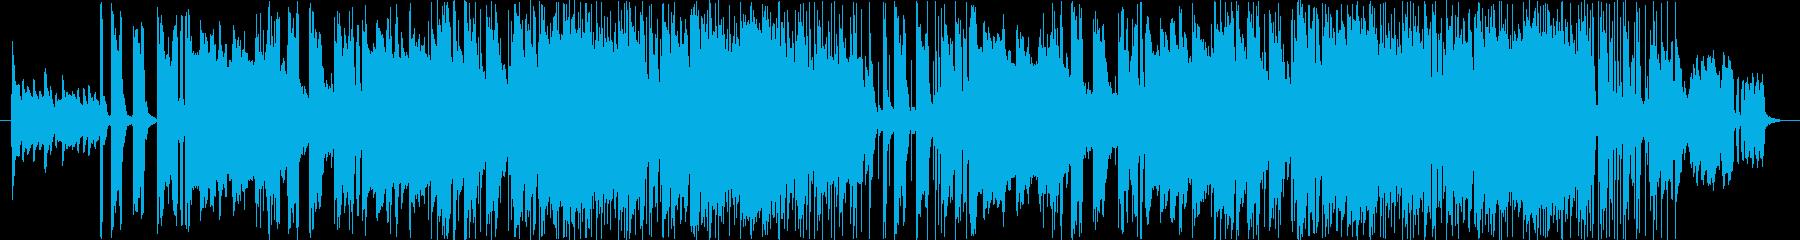 爽やかなブラスセクションの再生済みの波形